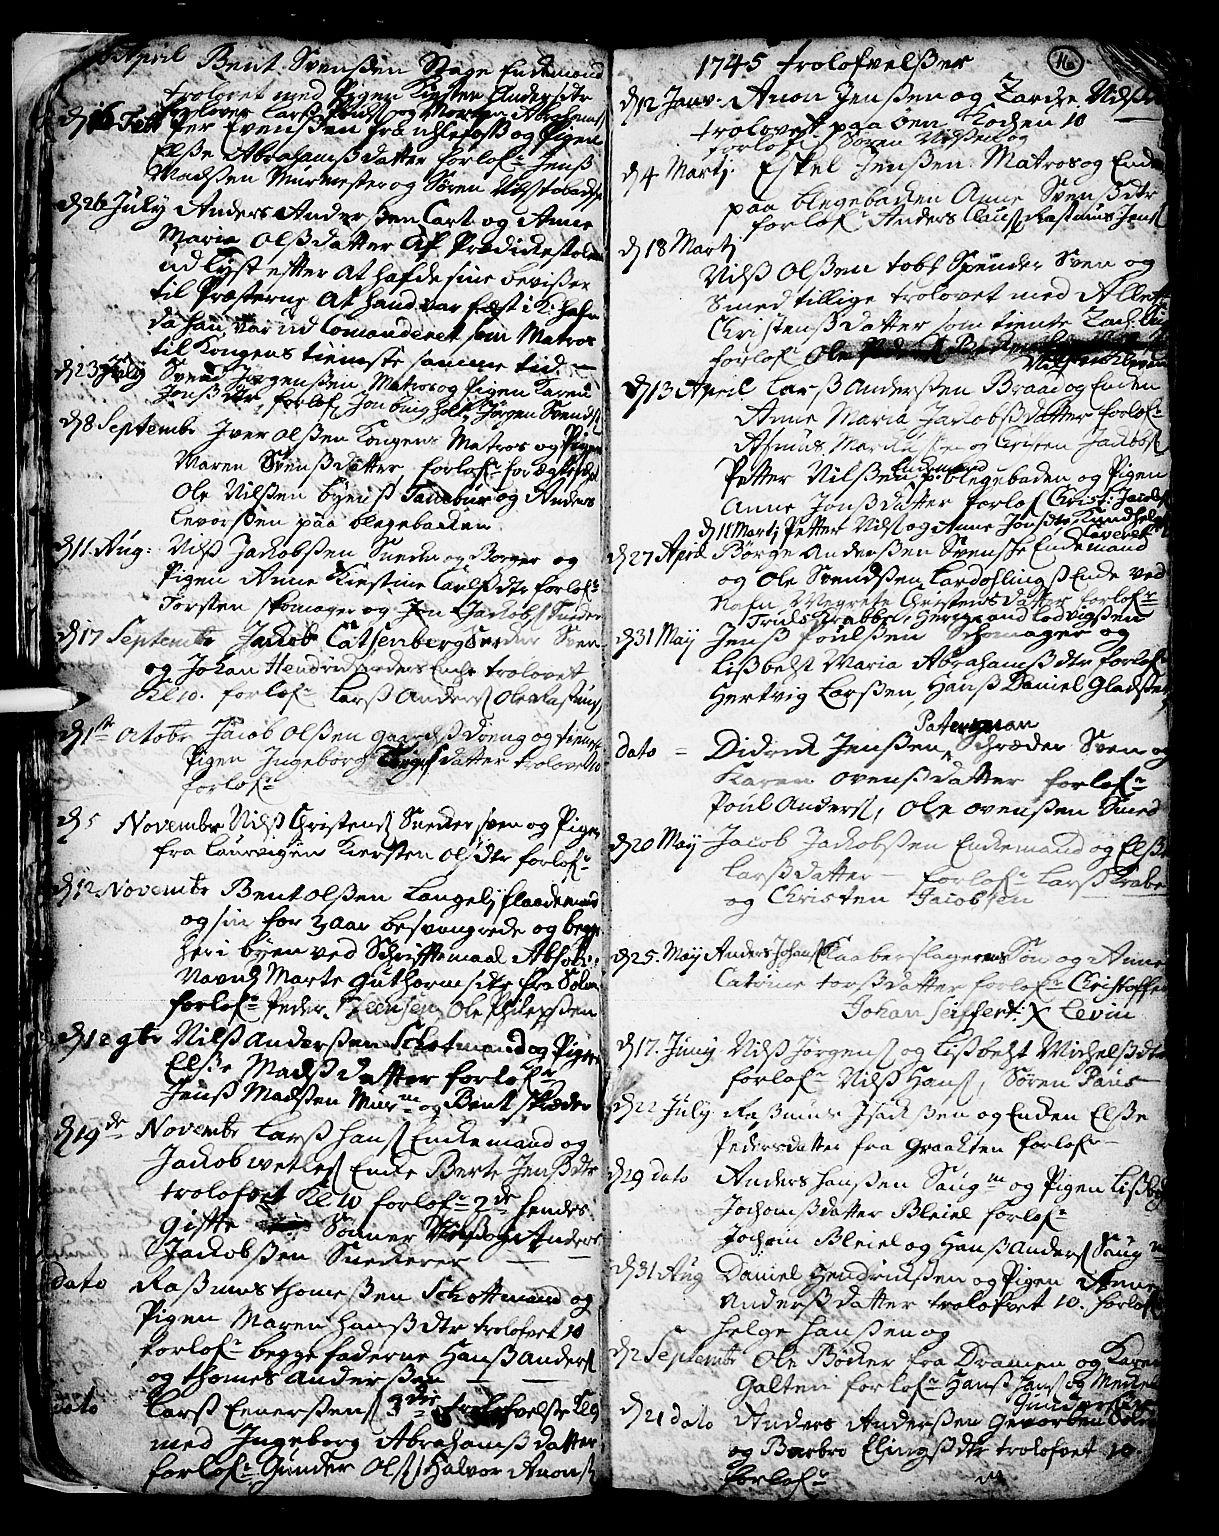 SAKO, Skien kirkebøker, F/Fa/L0002: Ministerialbok nr. 2, 1716-1757, s. 16